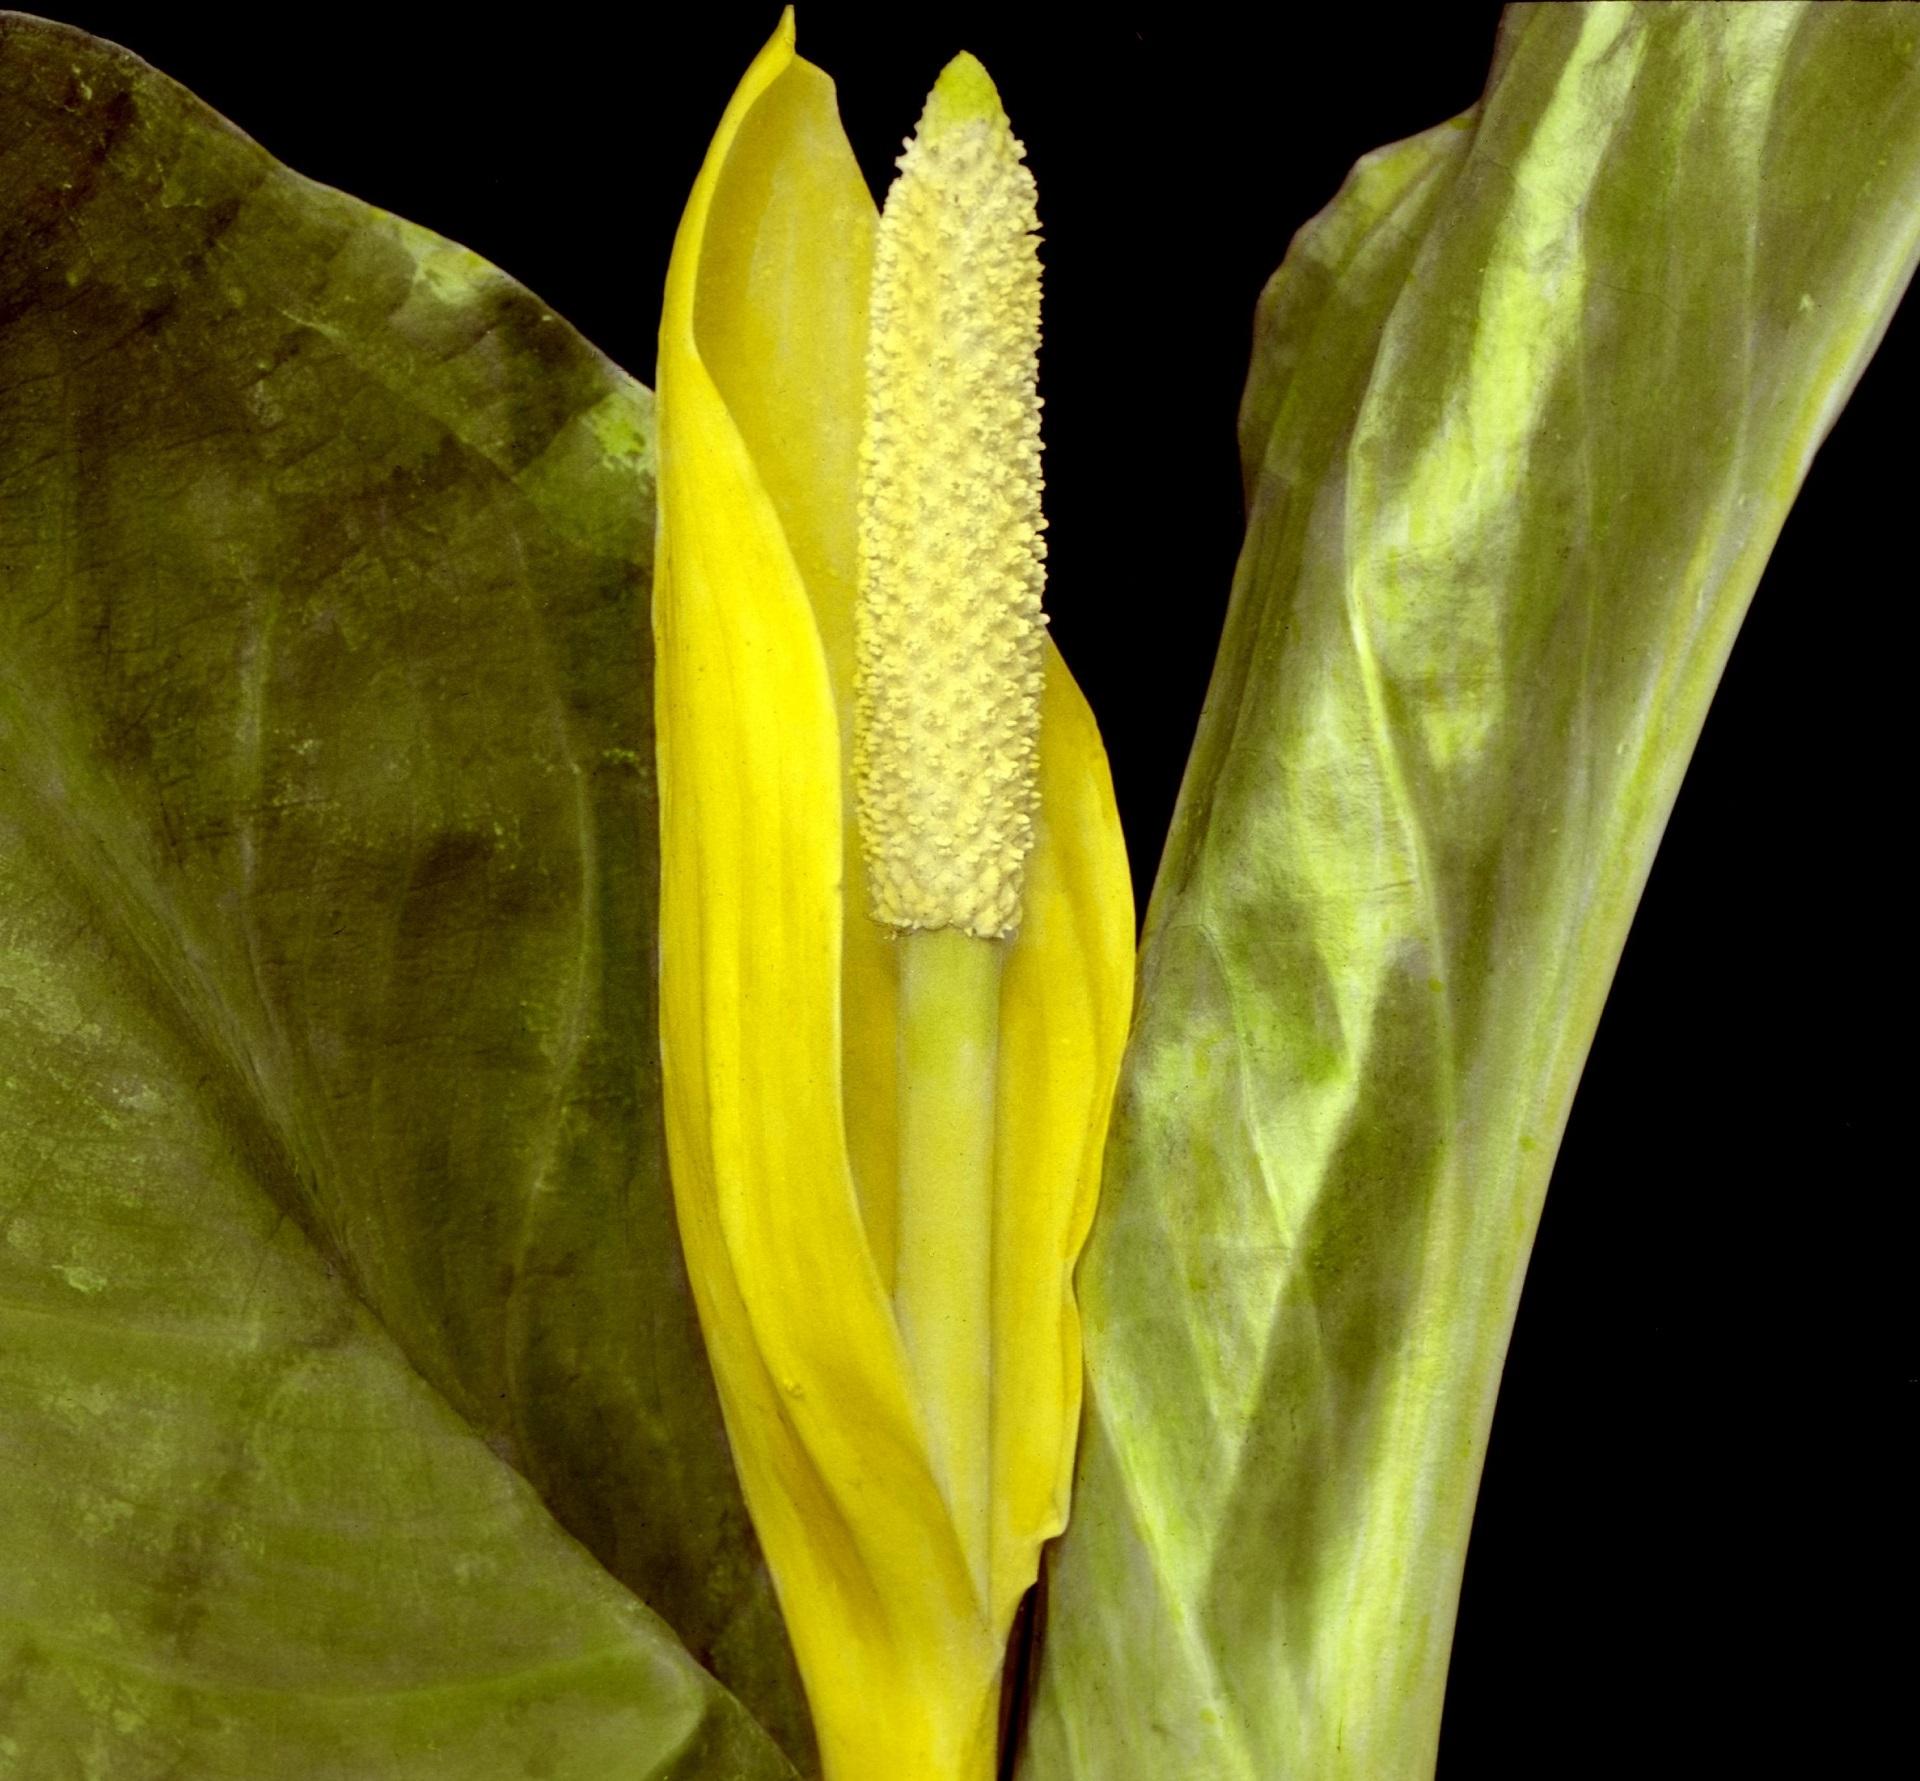 Flower Plant, Blooming, Flower, Fragrance, Fresh, HQ Photo